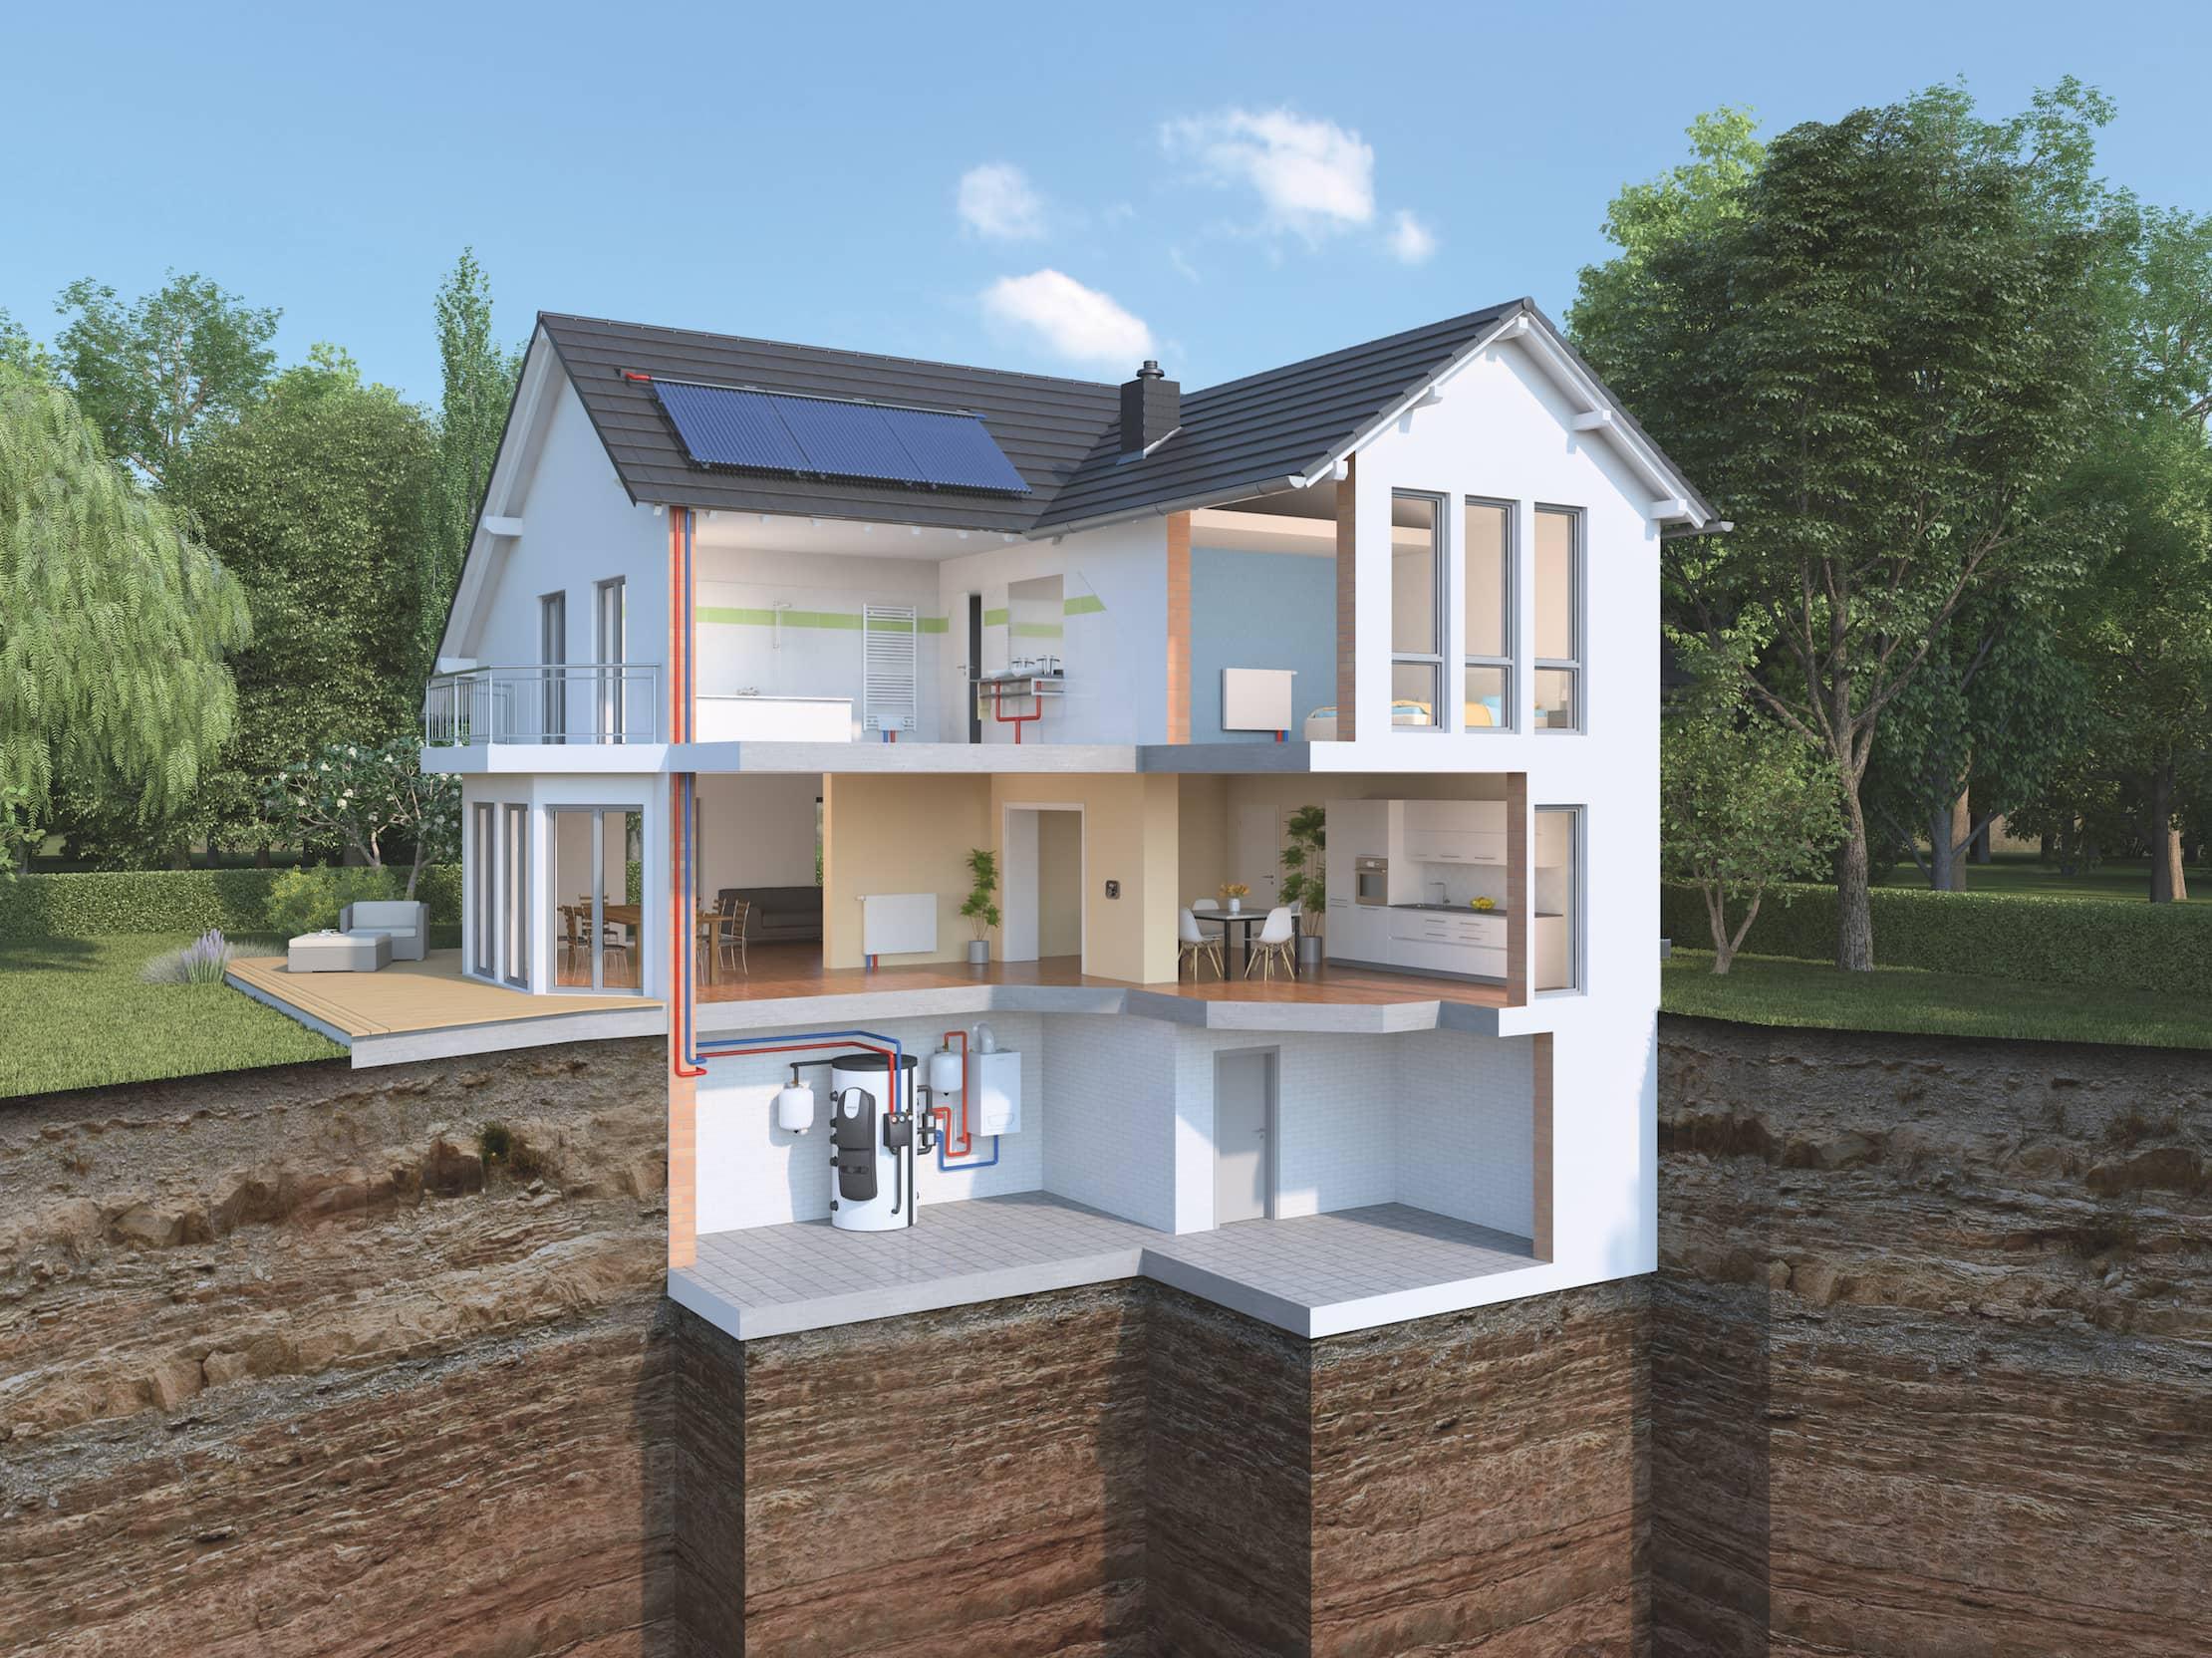 Aussenansicht eines Hauses mit Garten, mit einem Ausschnitt ohne Aussenwände, auf dem man den Weg der Montage der Heizung sehen kann.